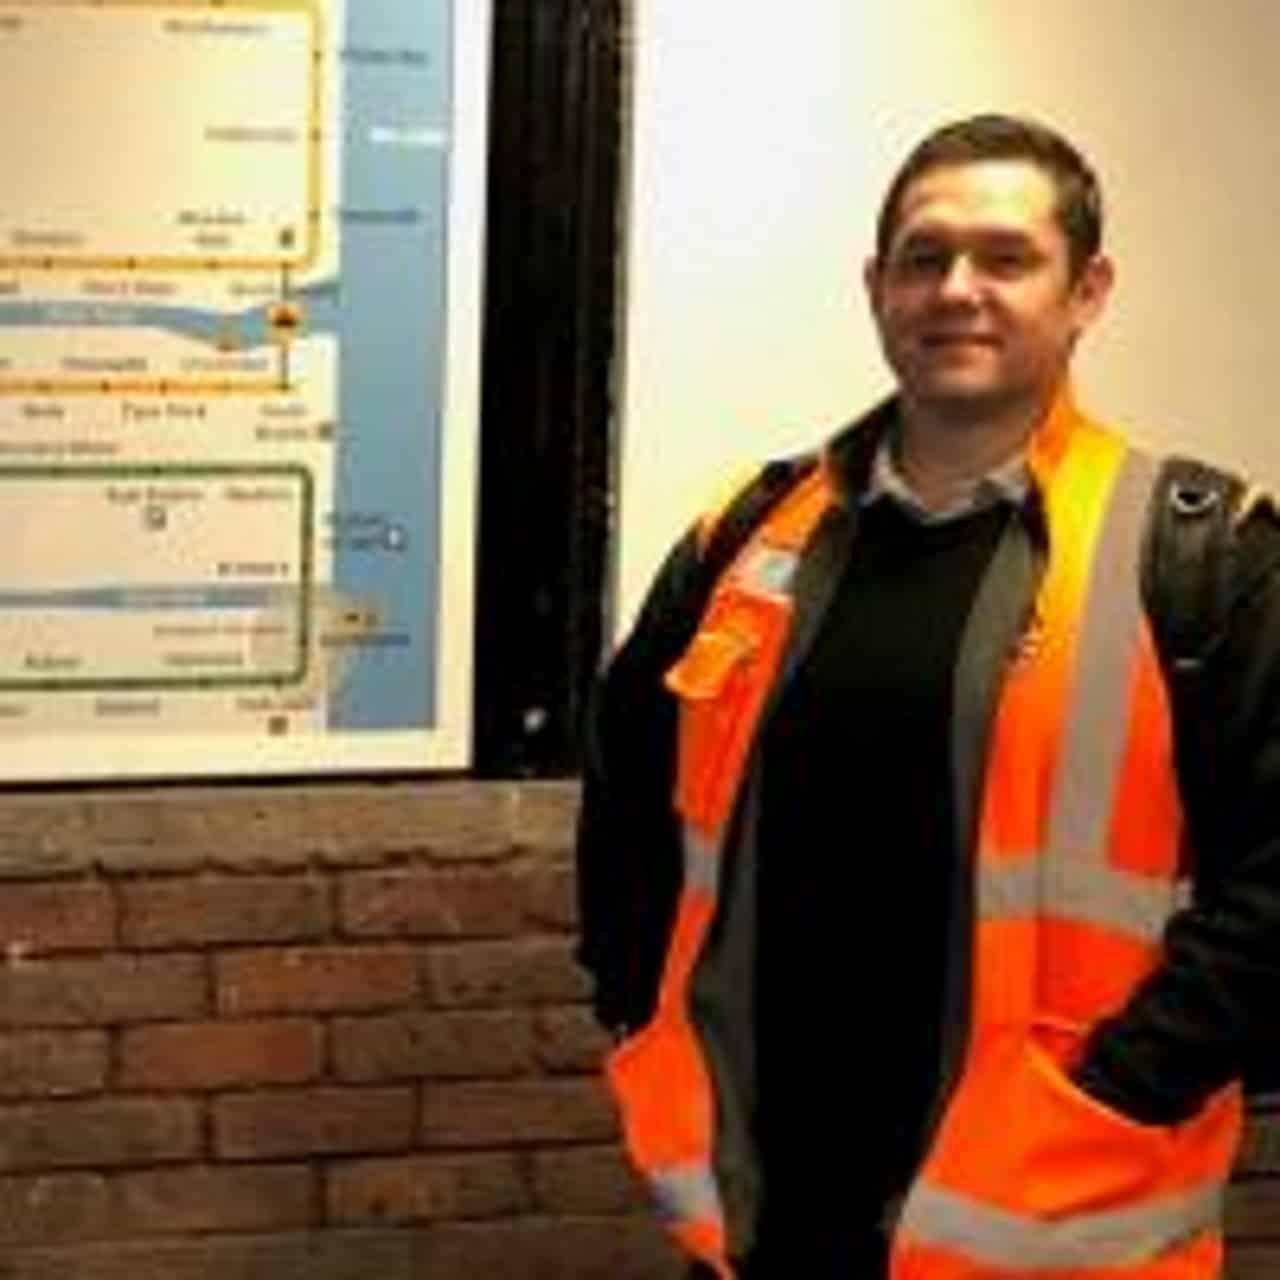 Train driver speaks of pride as he works as key worker through coronavirus crisis